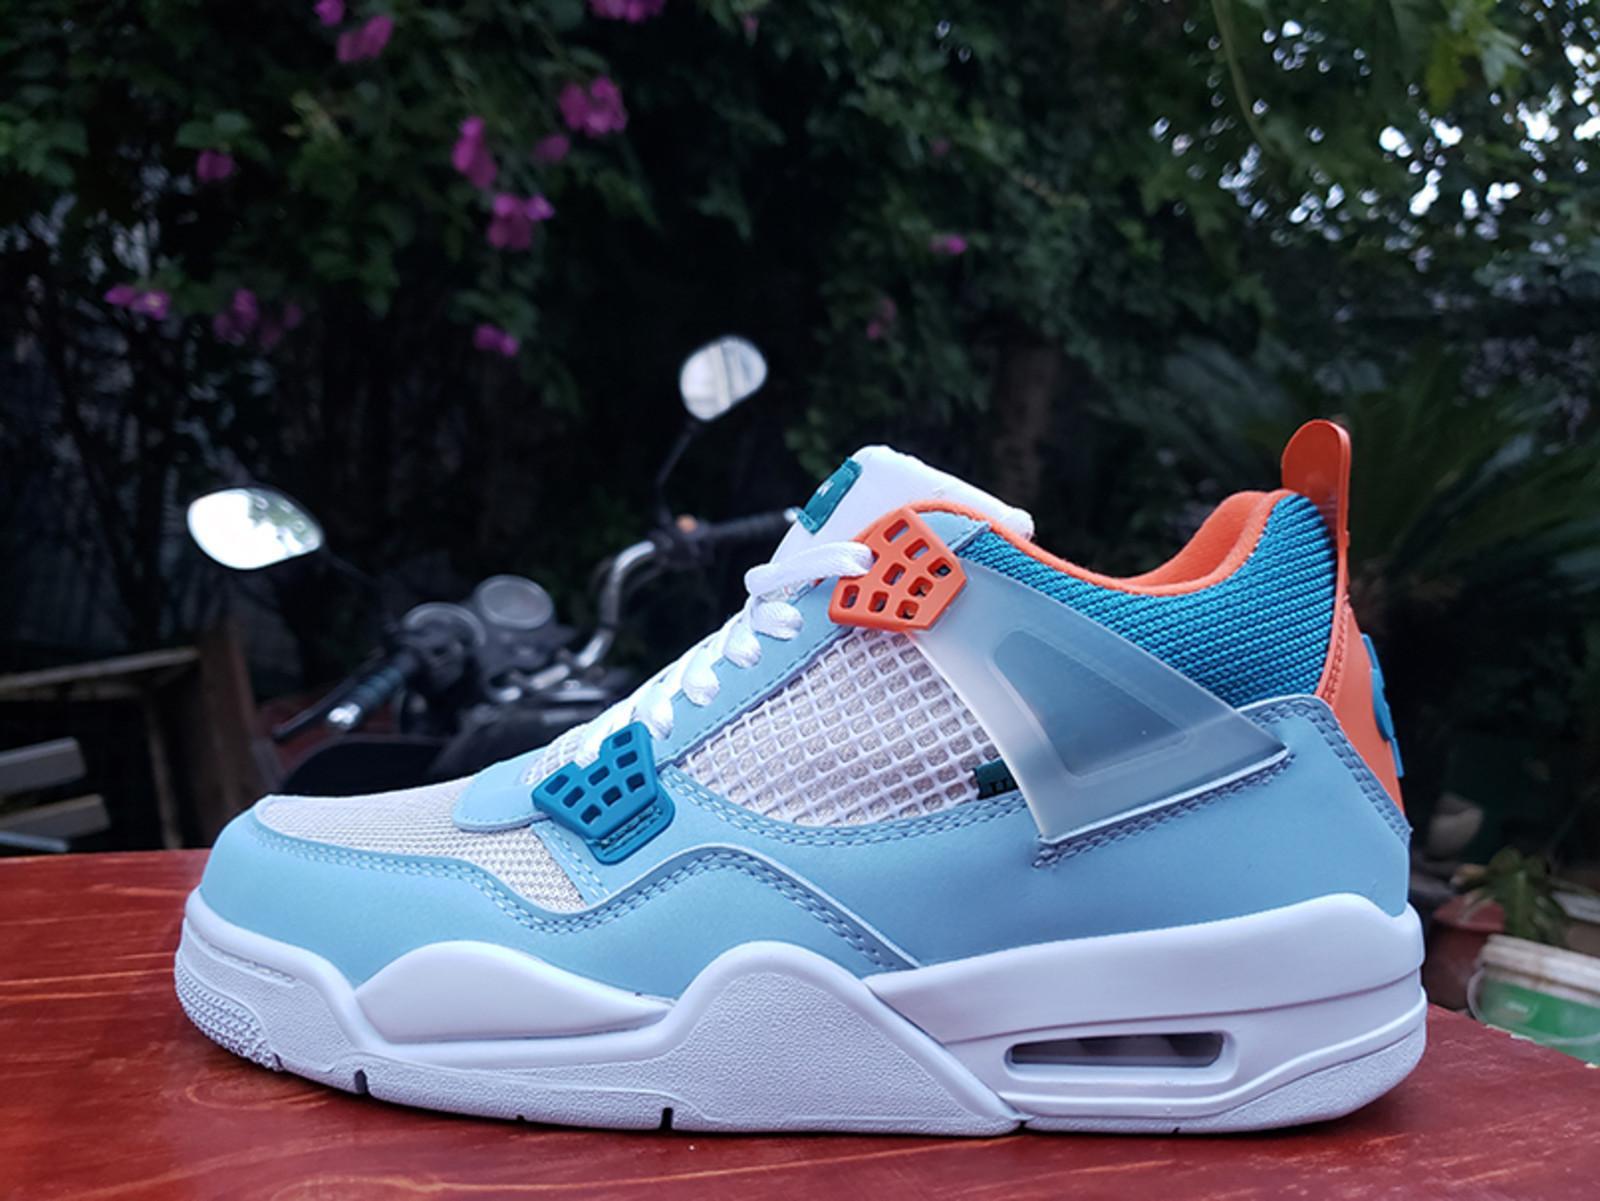 Оптовая продажа нового профсоюза 4 мужская баскетбольная обувь синий розовый 4S La Mens Trainers спортивные кроссовки размером 7-12